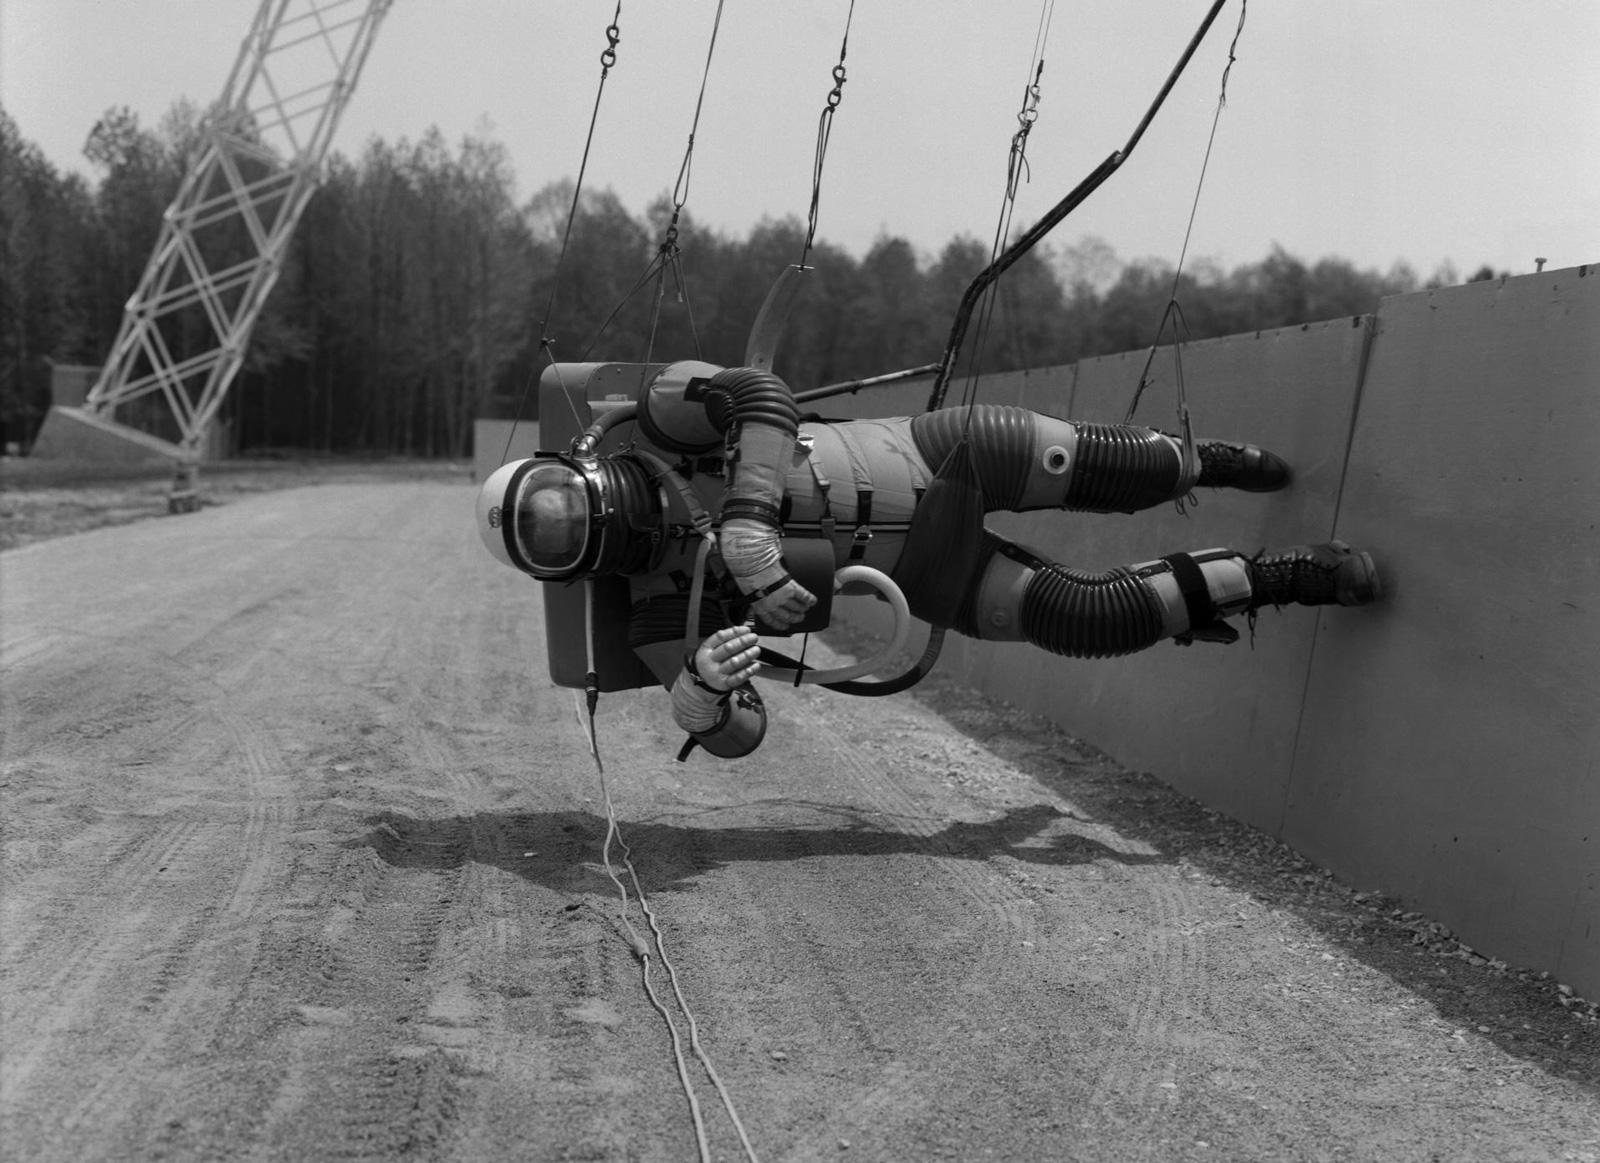 Astronauten-Ausbildung in den 1960er Jahren